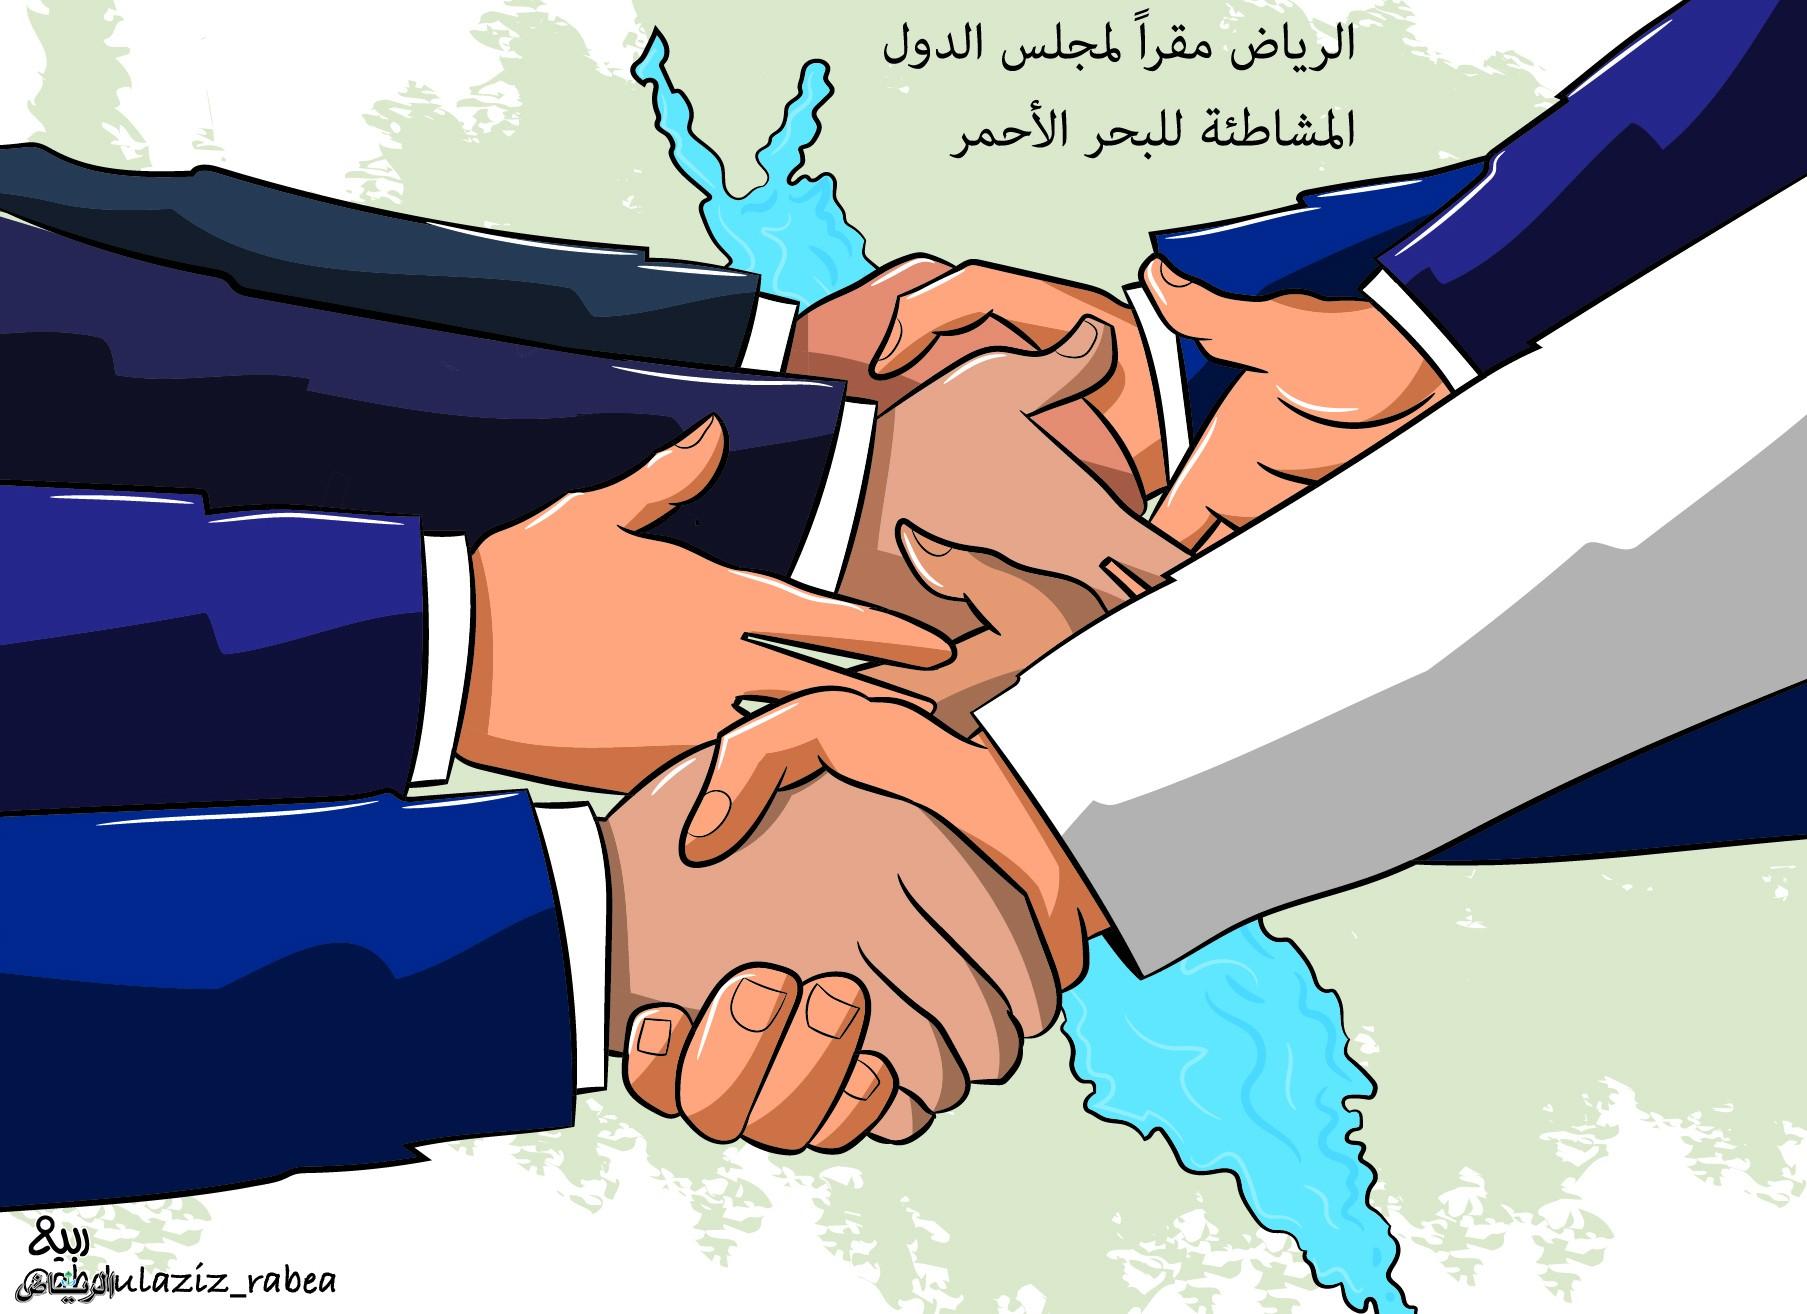 الرياض مقرا لمجلس الدول المشاطئة للبحر الأحمر